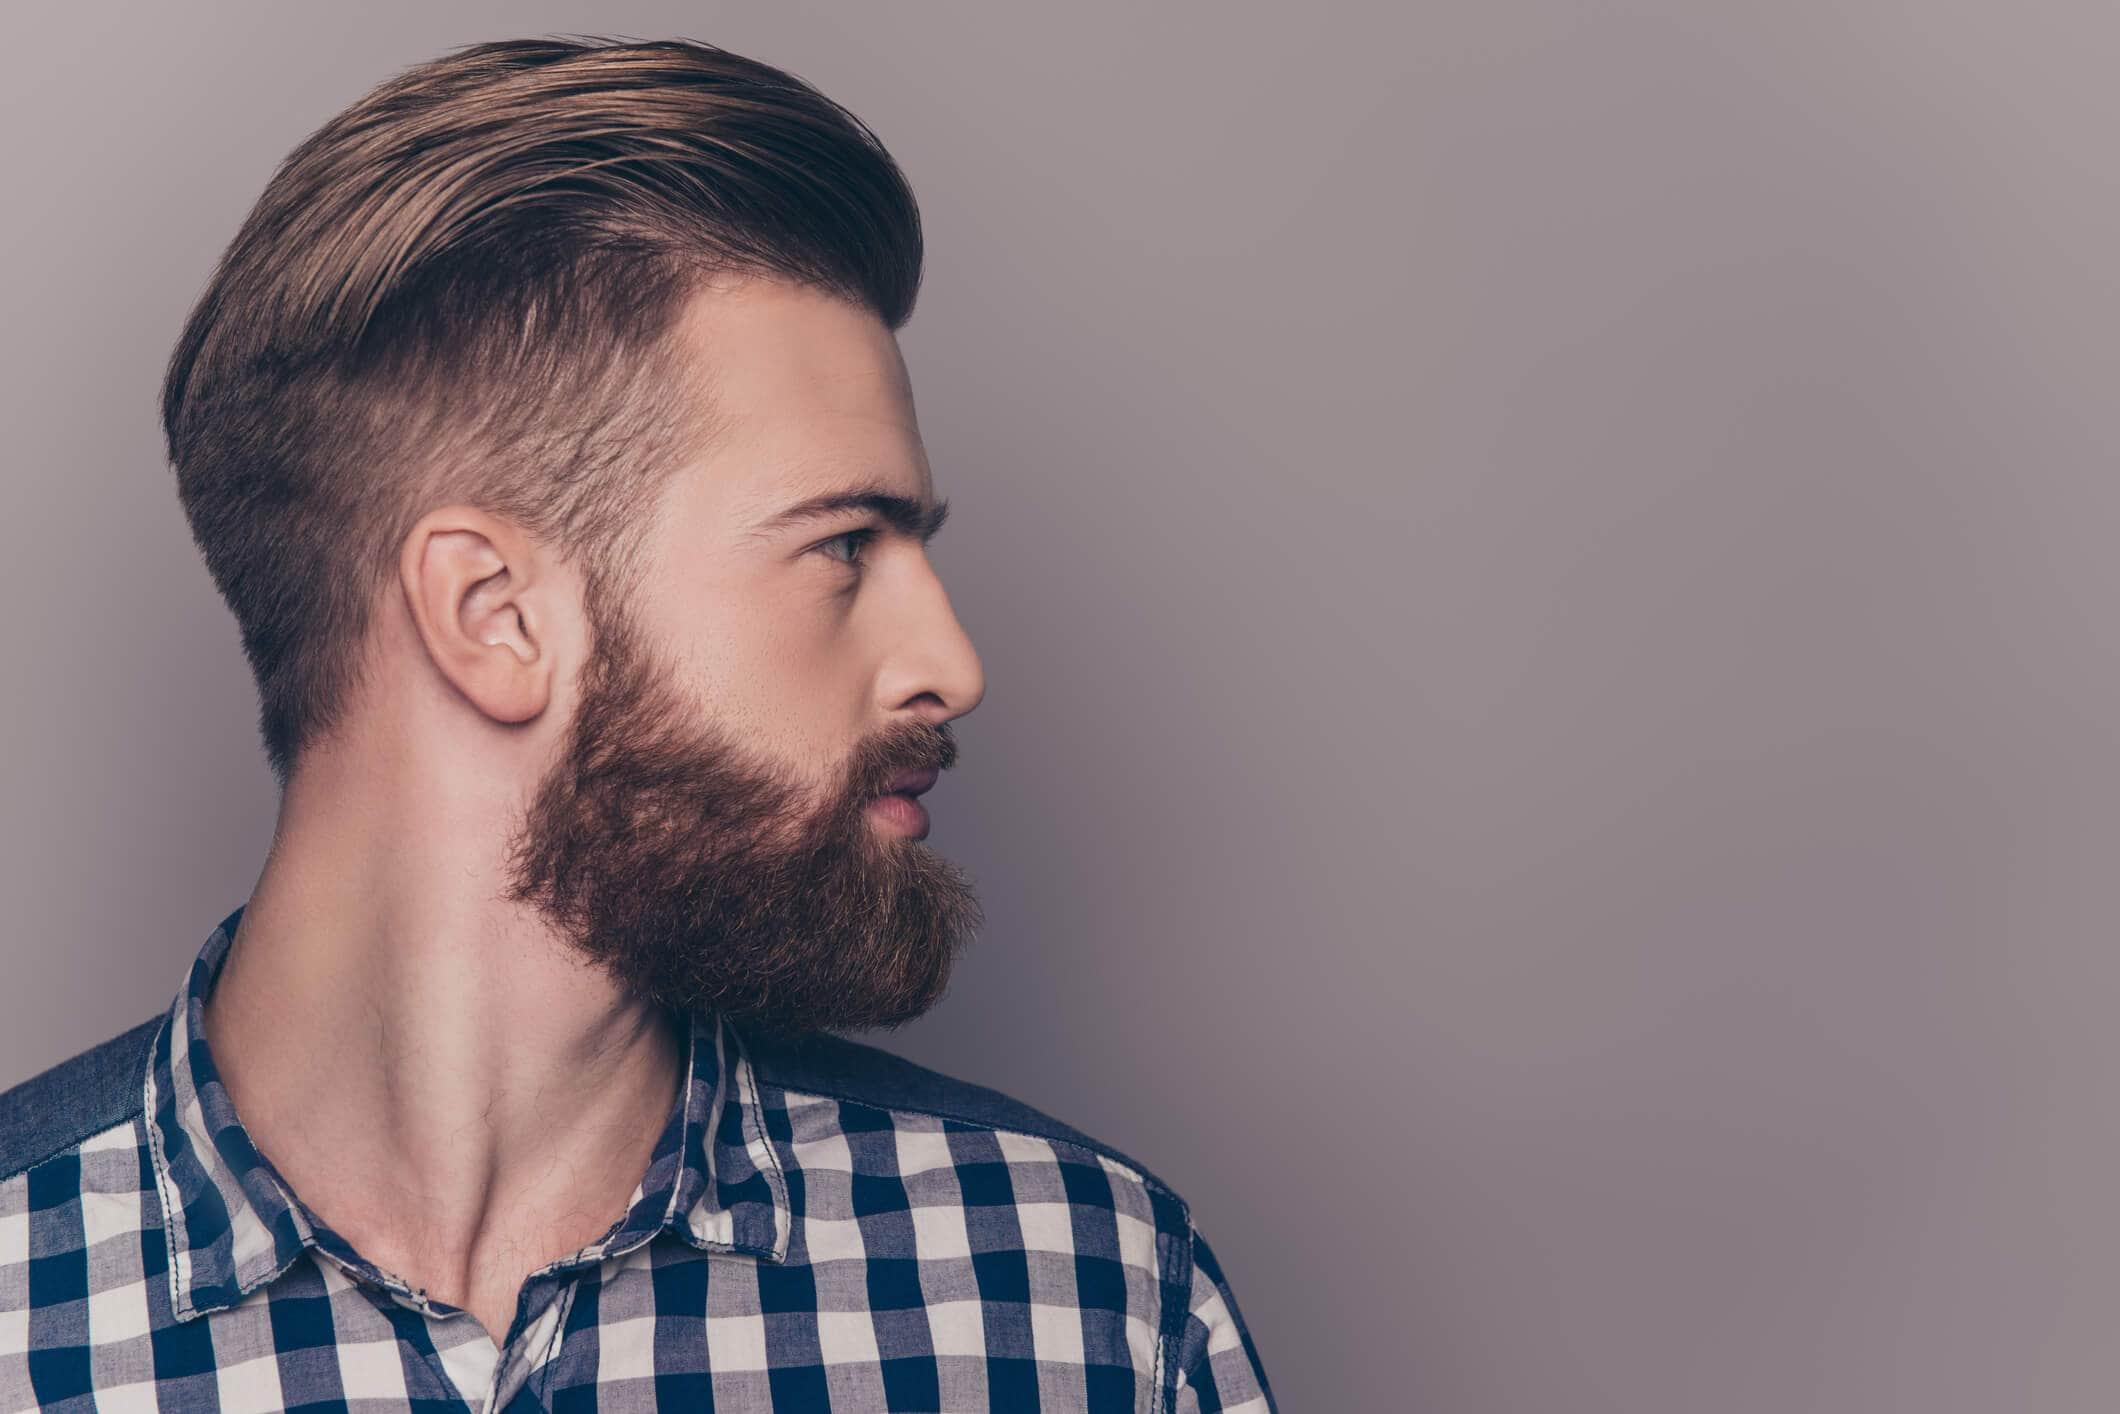 corte de pelo comb over